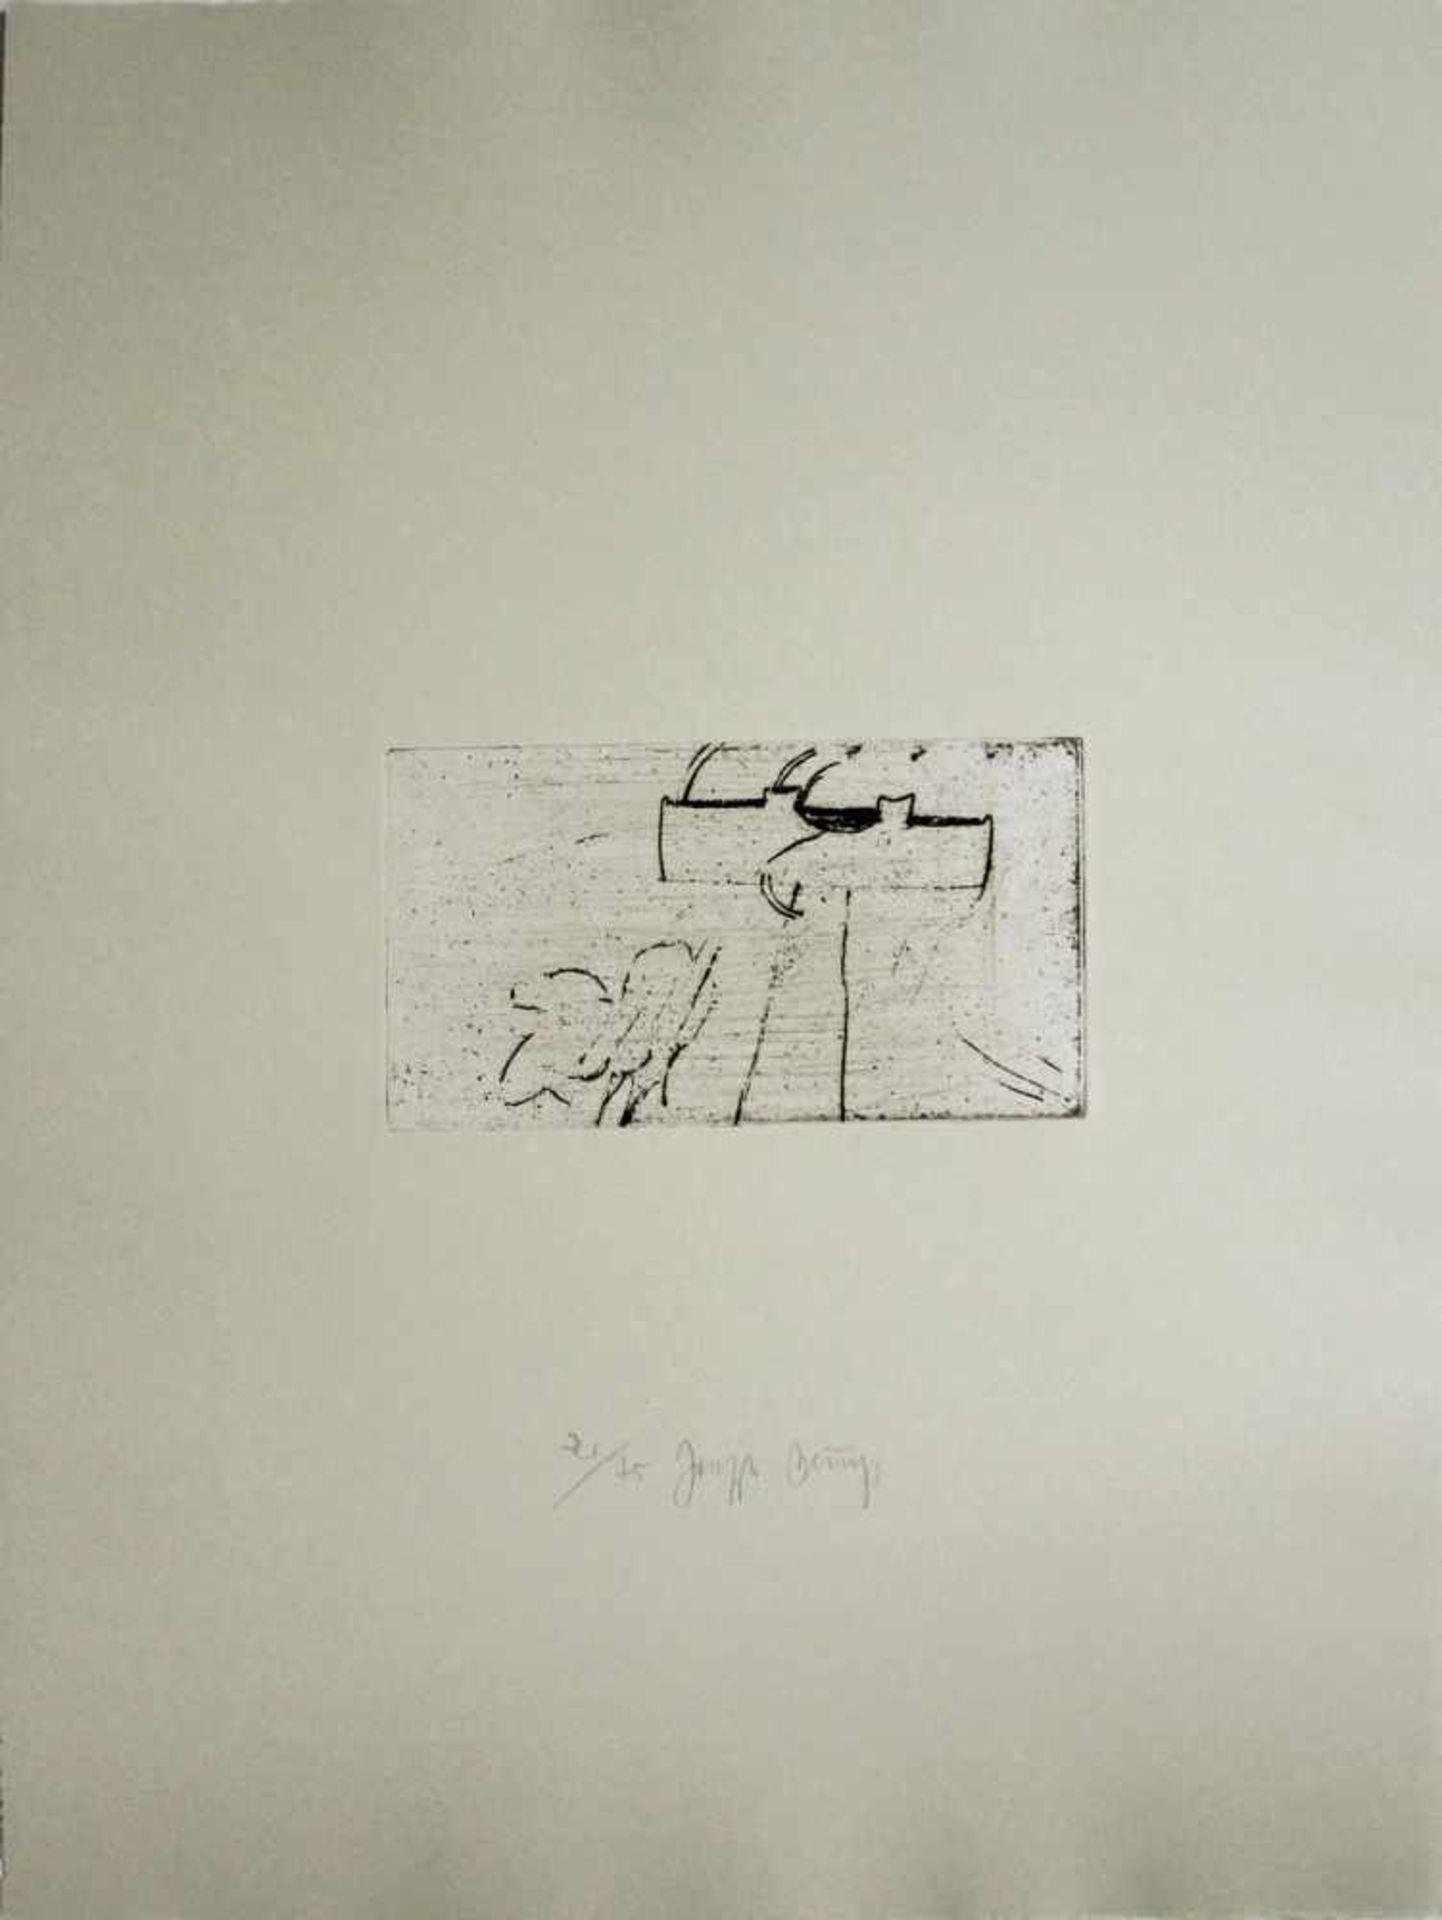 Joseph Beuys 1921 - 1986 Kreuz des Saturn 1953/1982 Kaltnadelradierung auf Rives Gris aus der